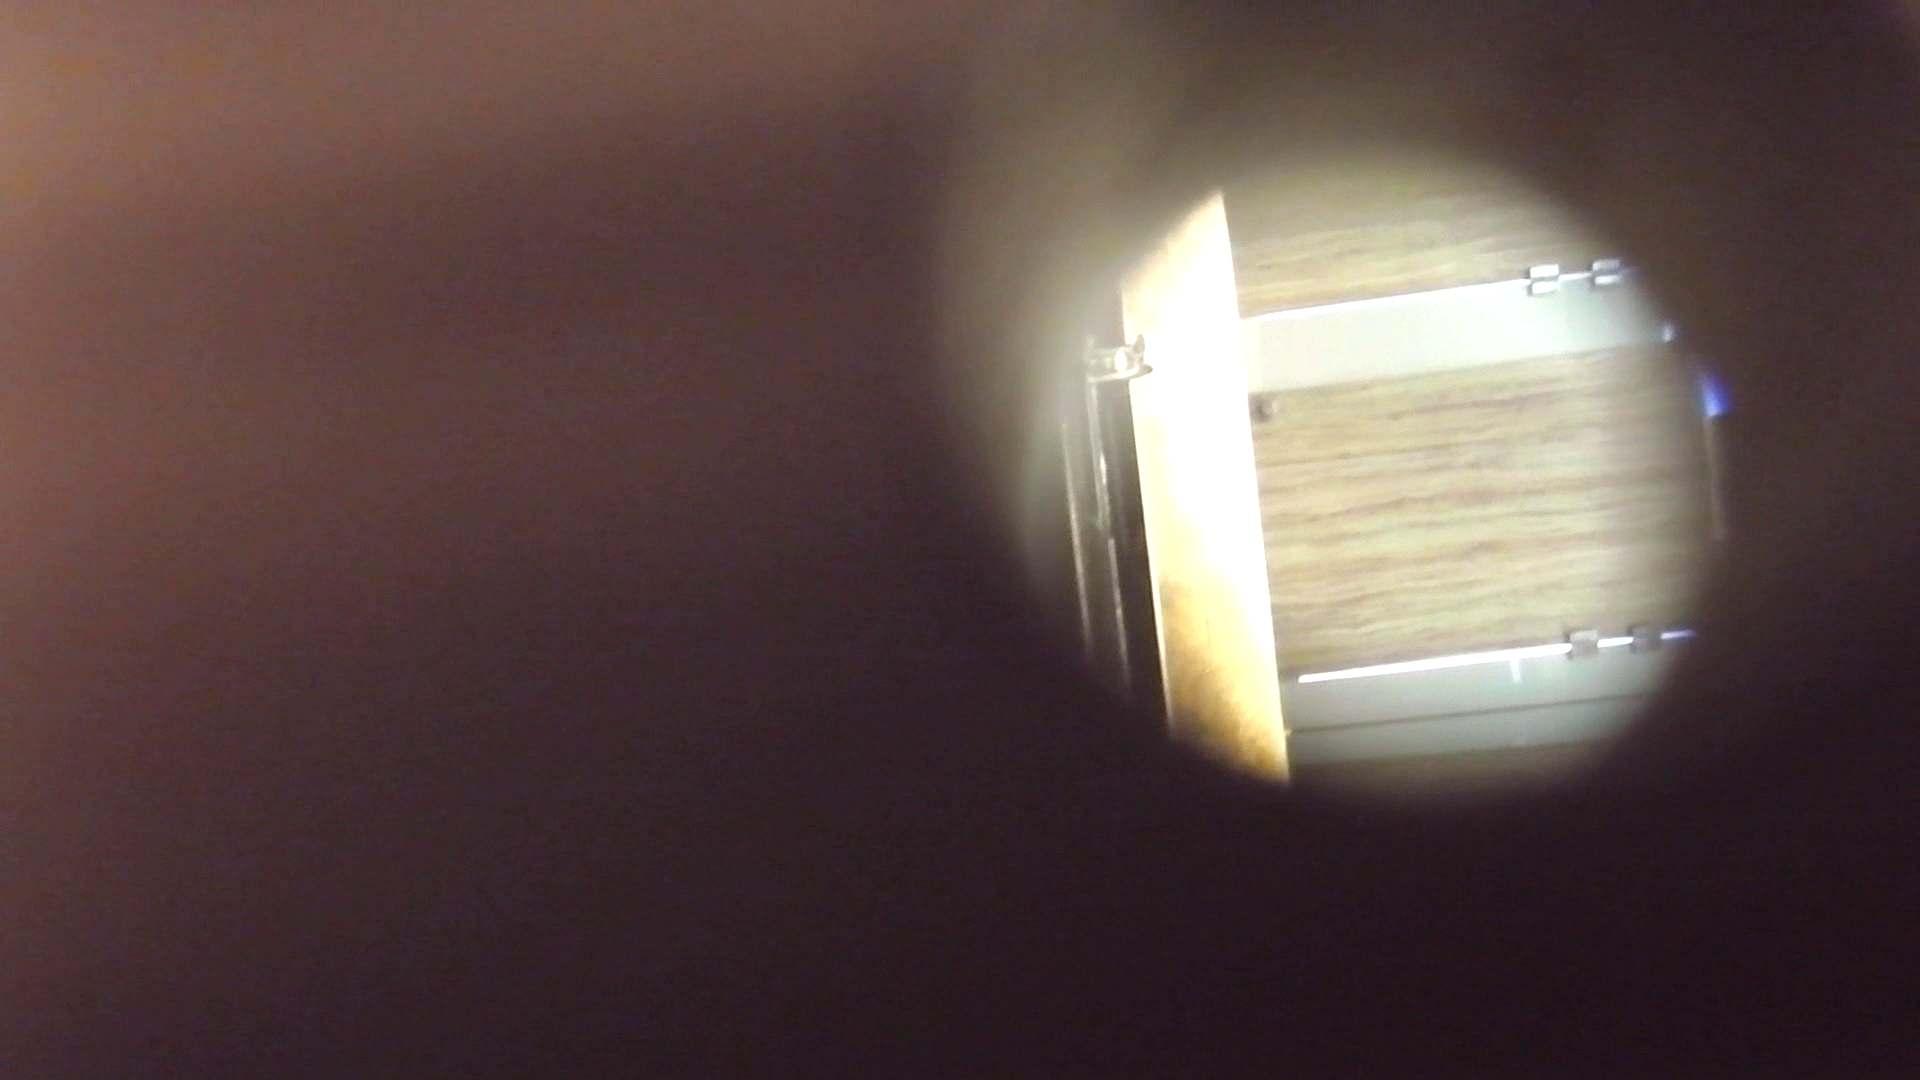 阿国ちゃんの「和式洋式七変化」No.3 洗面所 | 和式  29pic 17